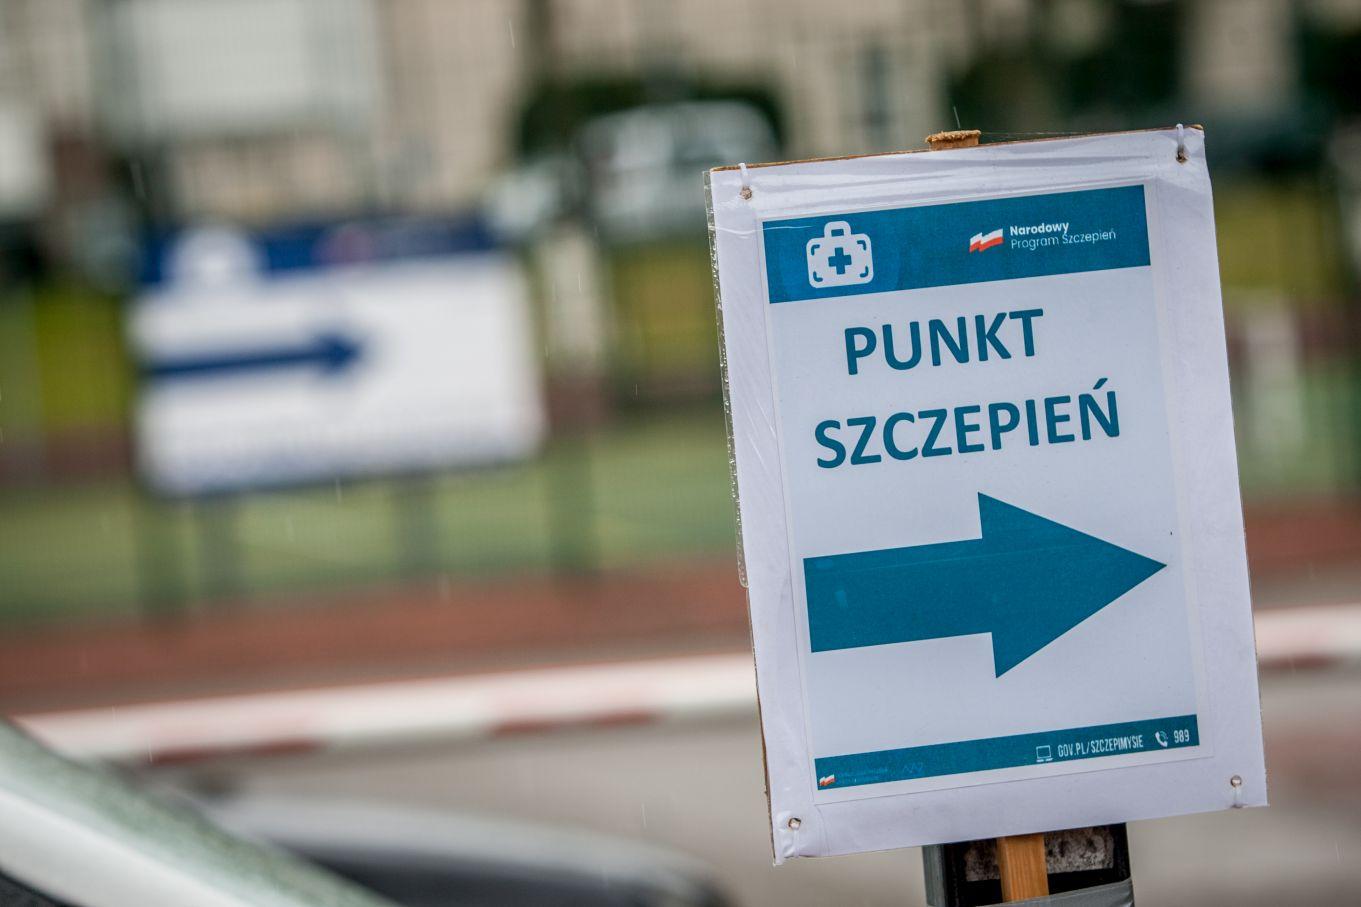 Koronawiurs raport: powiat pucki (10.06.2021). Druga śmierć w czerwcu